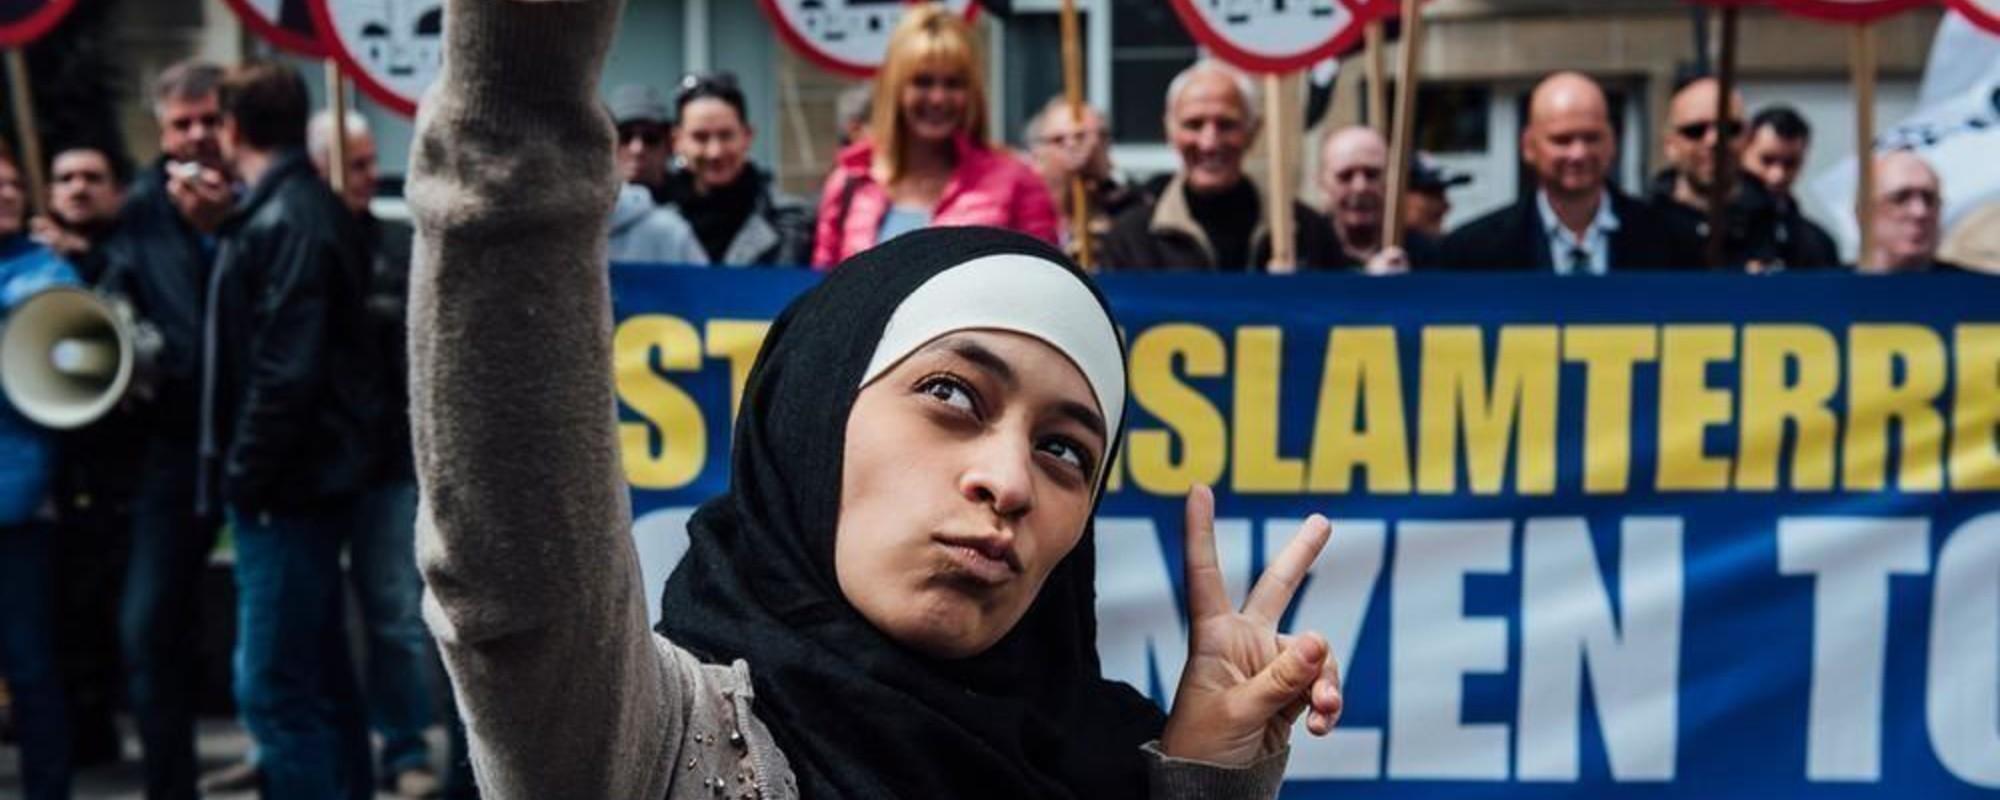 Cum le închizi gura protestatarilor anti-musulmani cu un selfie